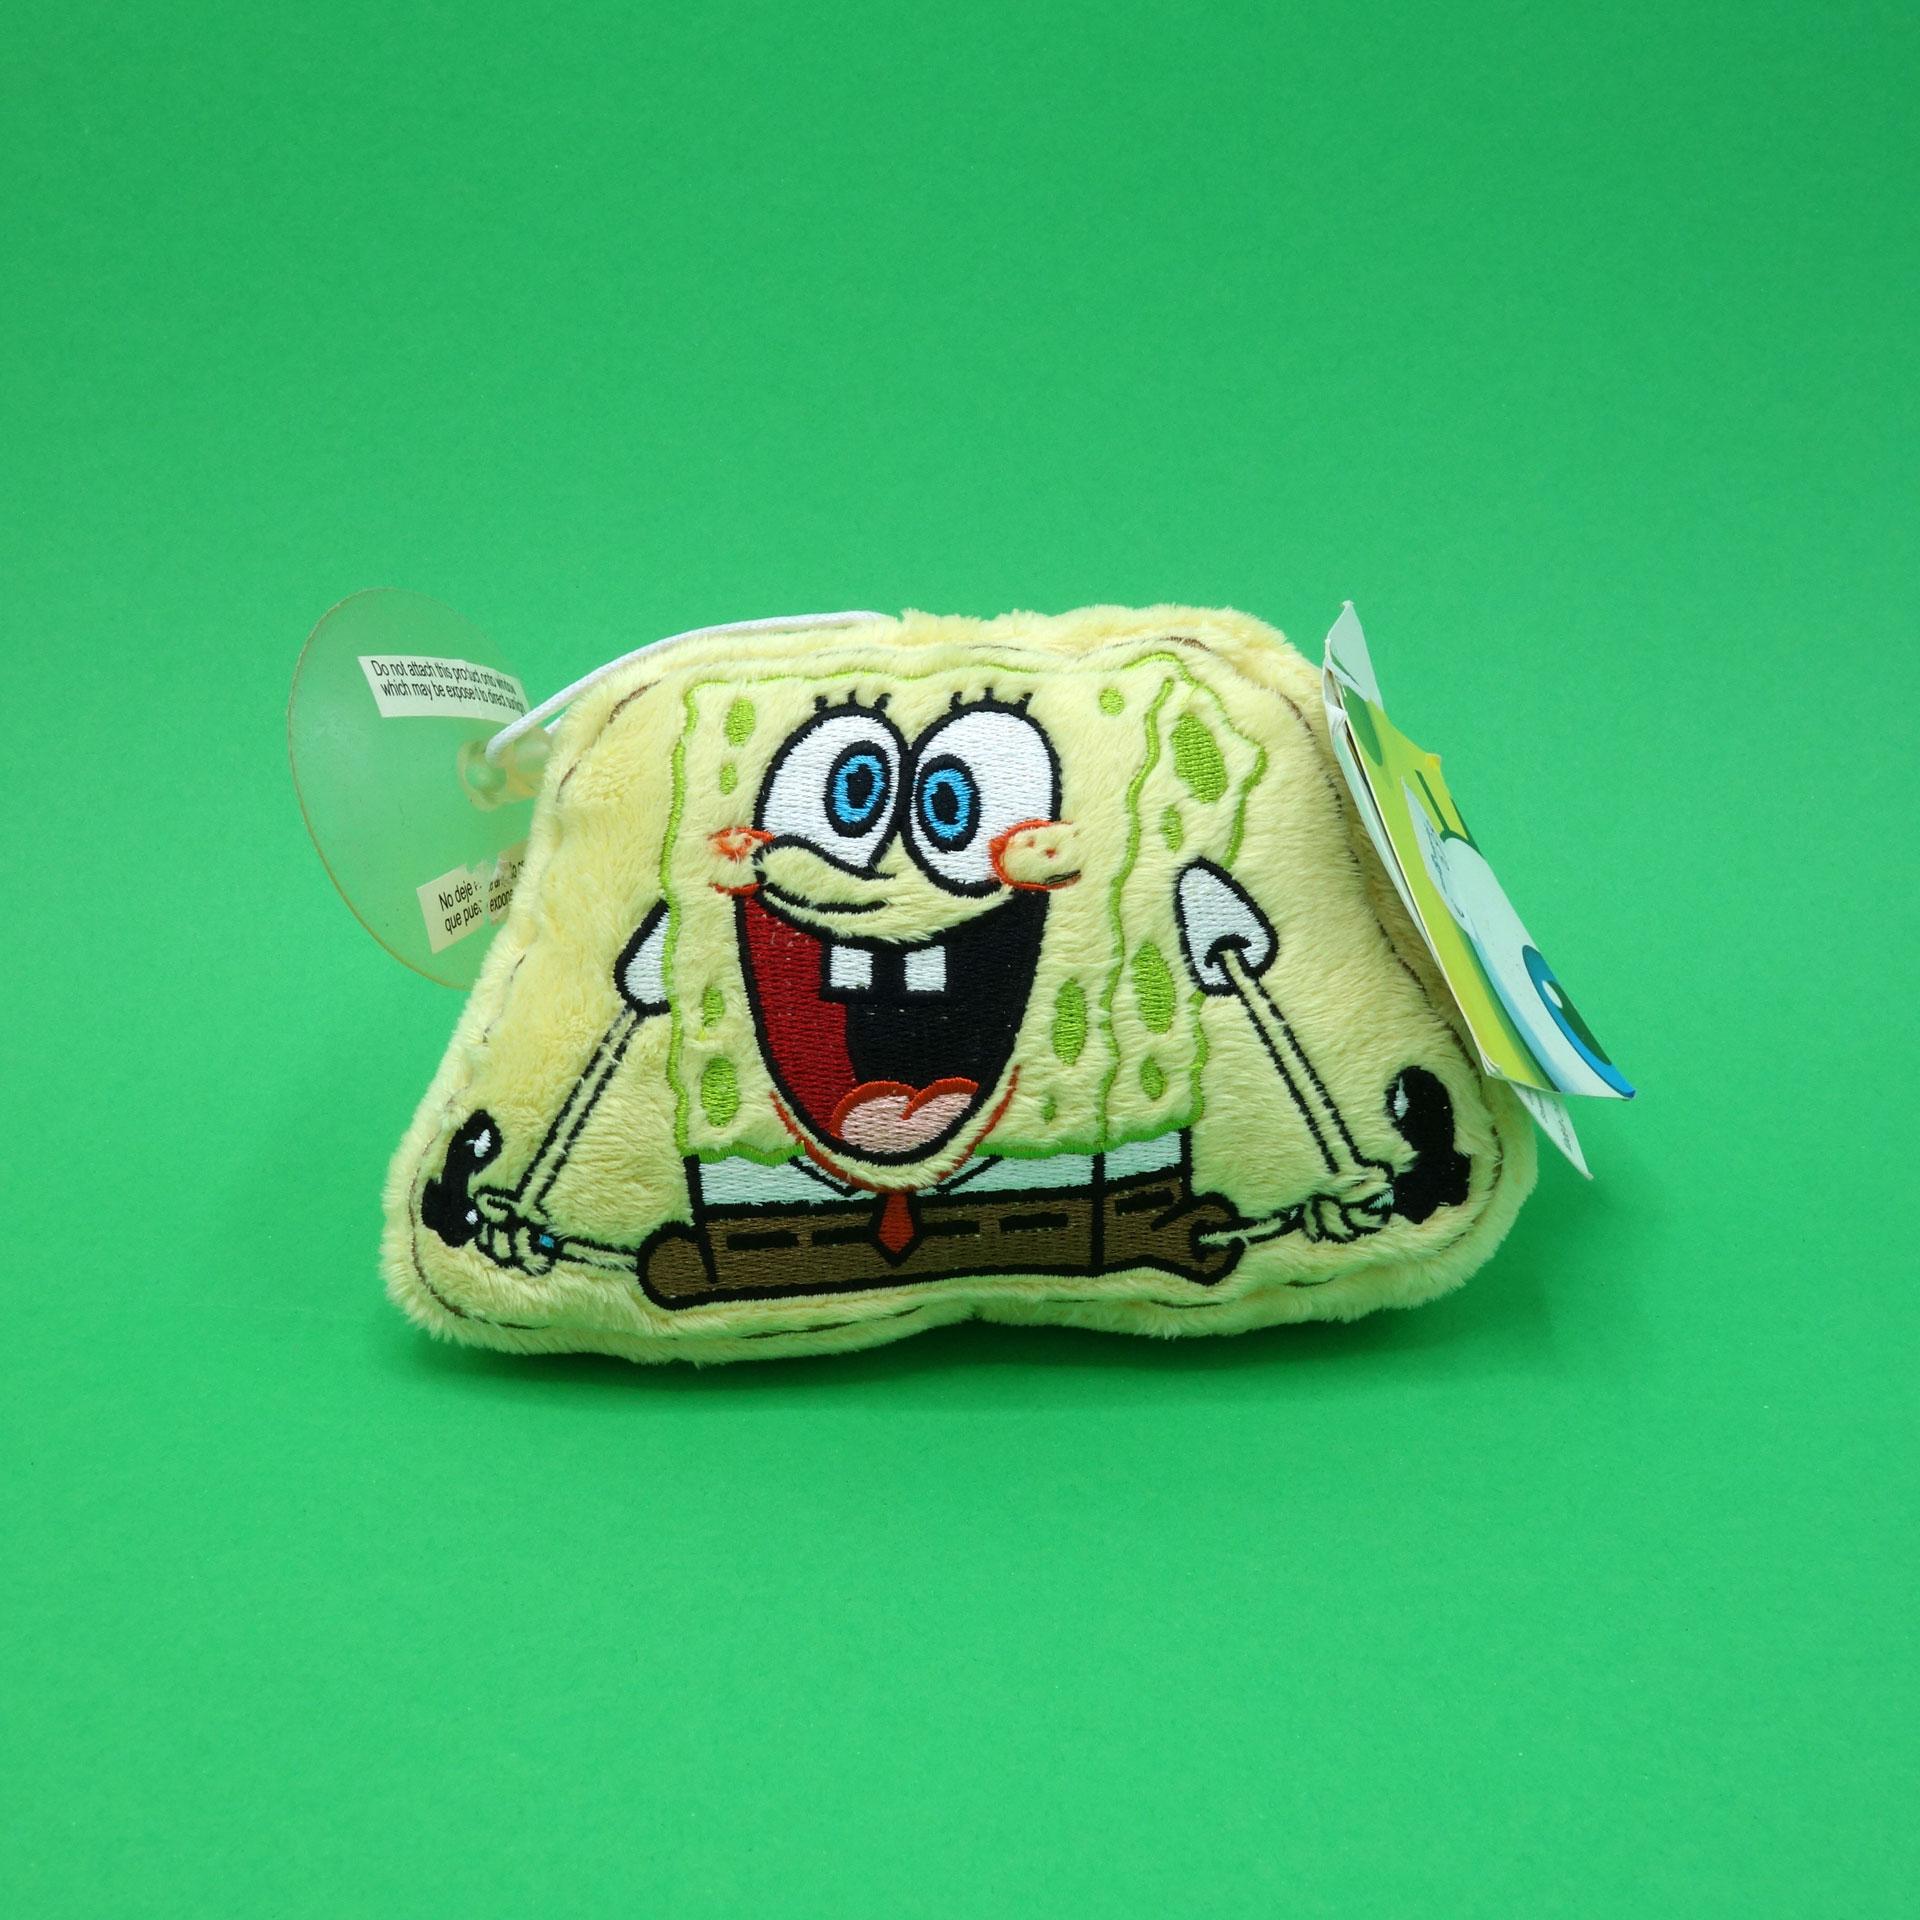 SpongeBob Schwammkopf Plüsch Mit Sauger